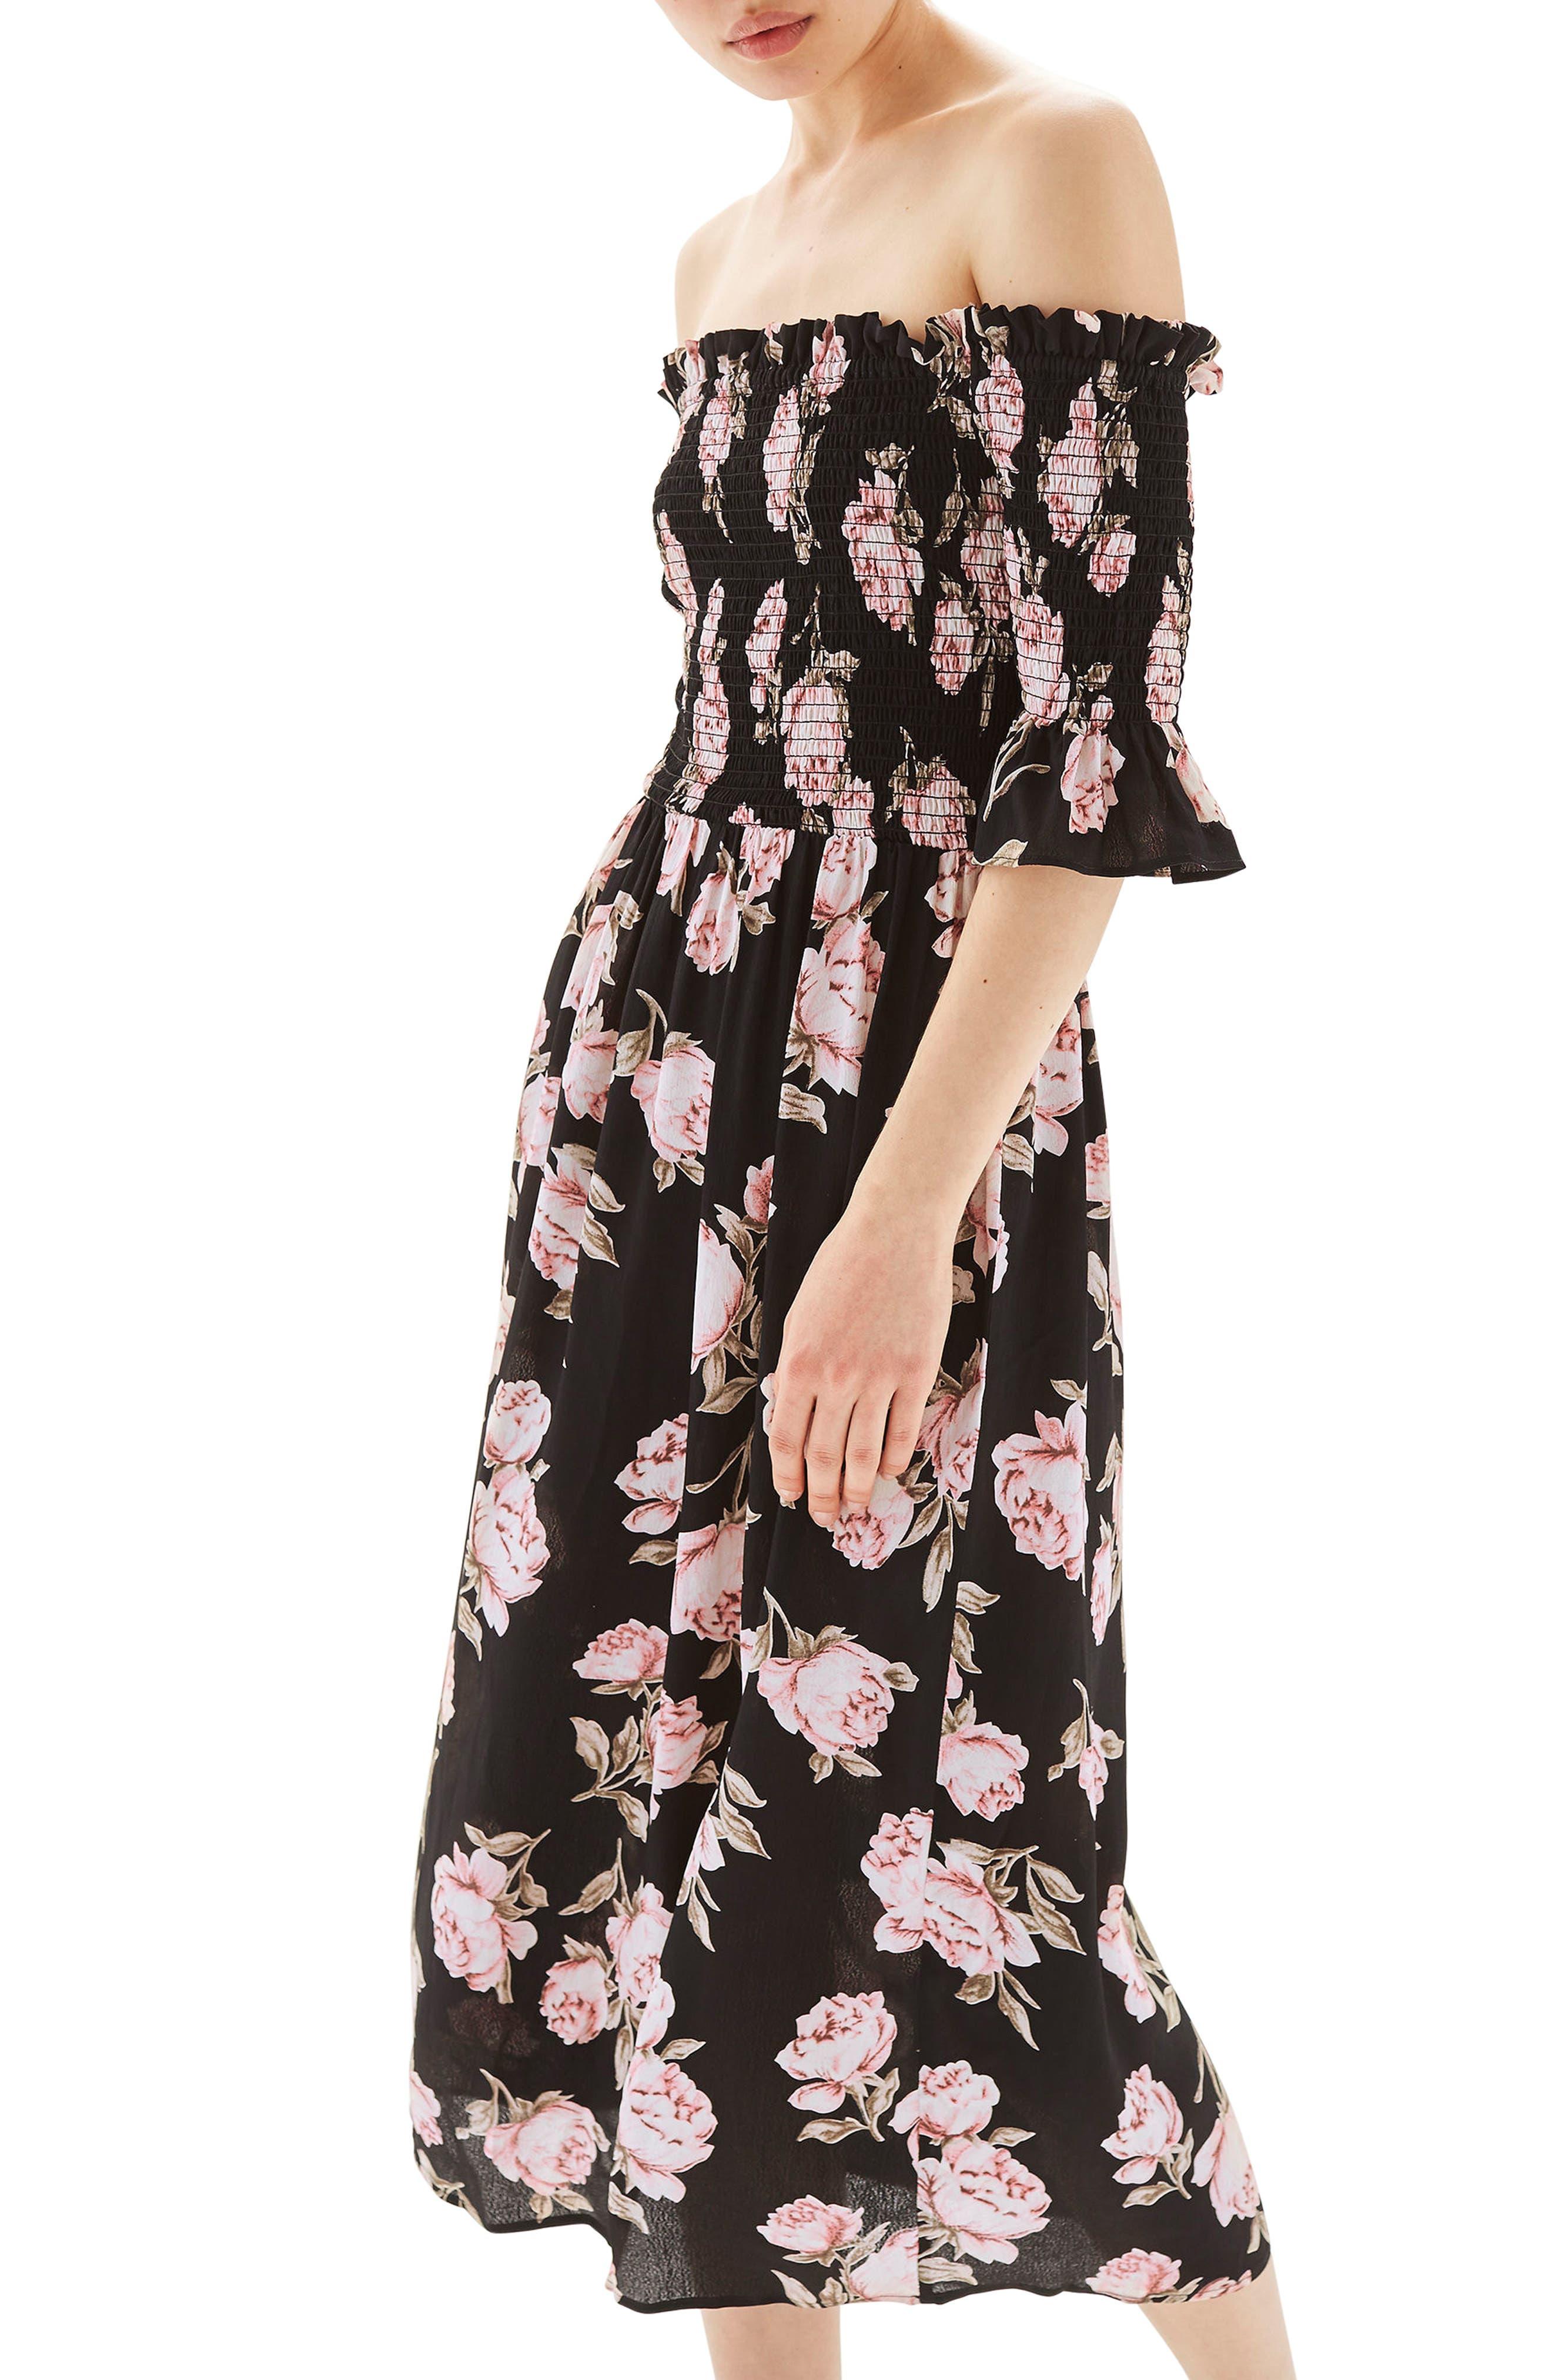 Topshop Bardot Rose Midi Dress